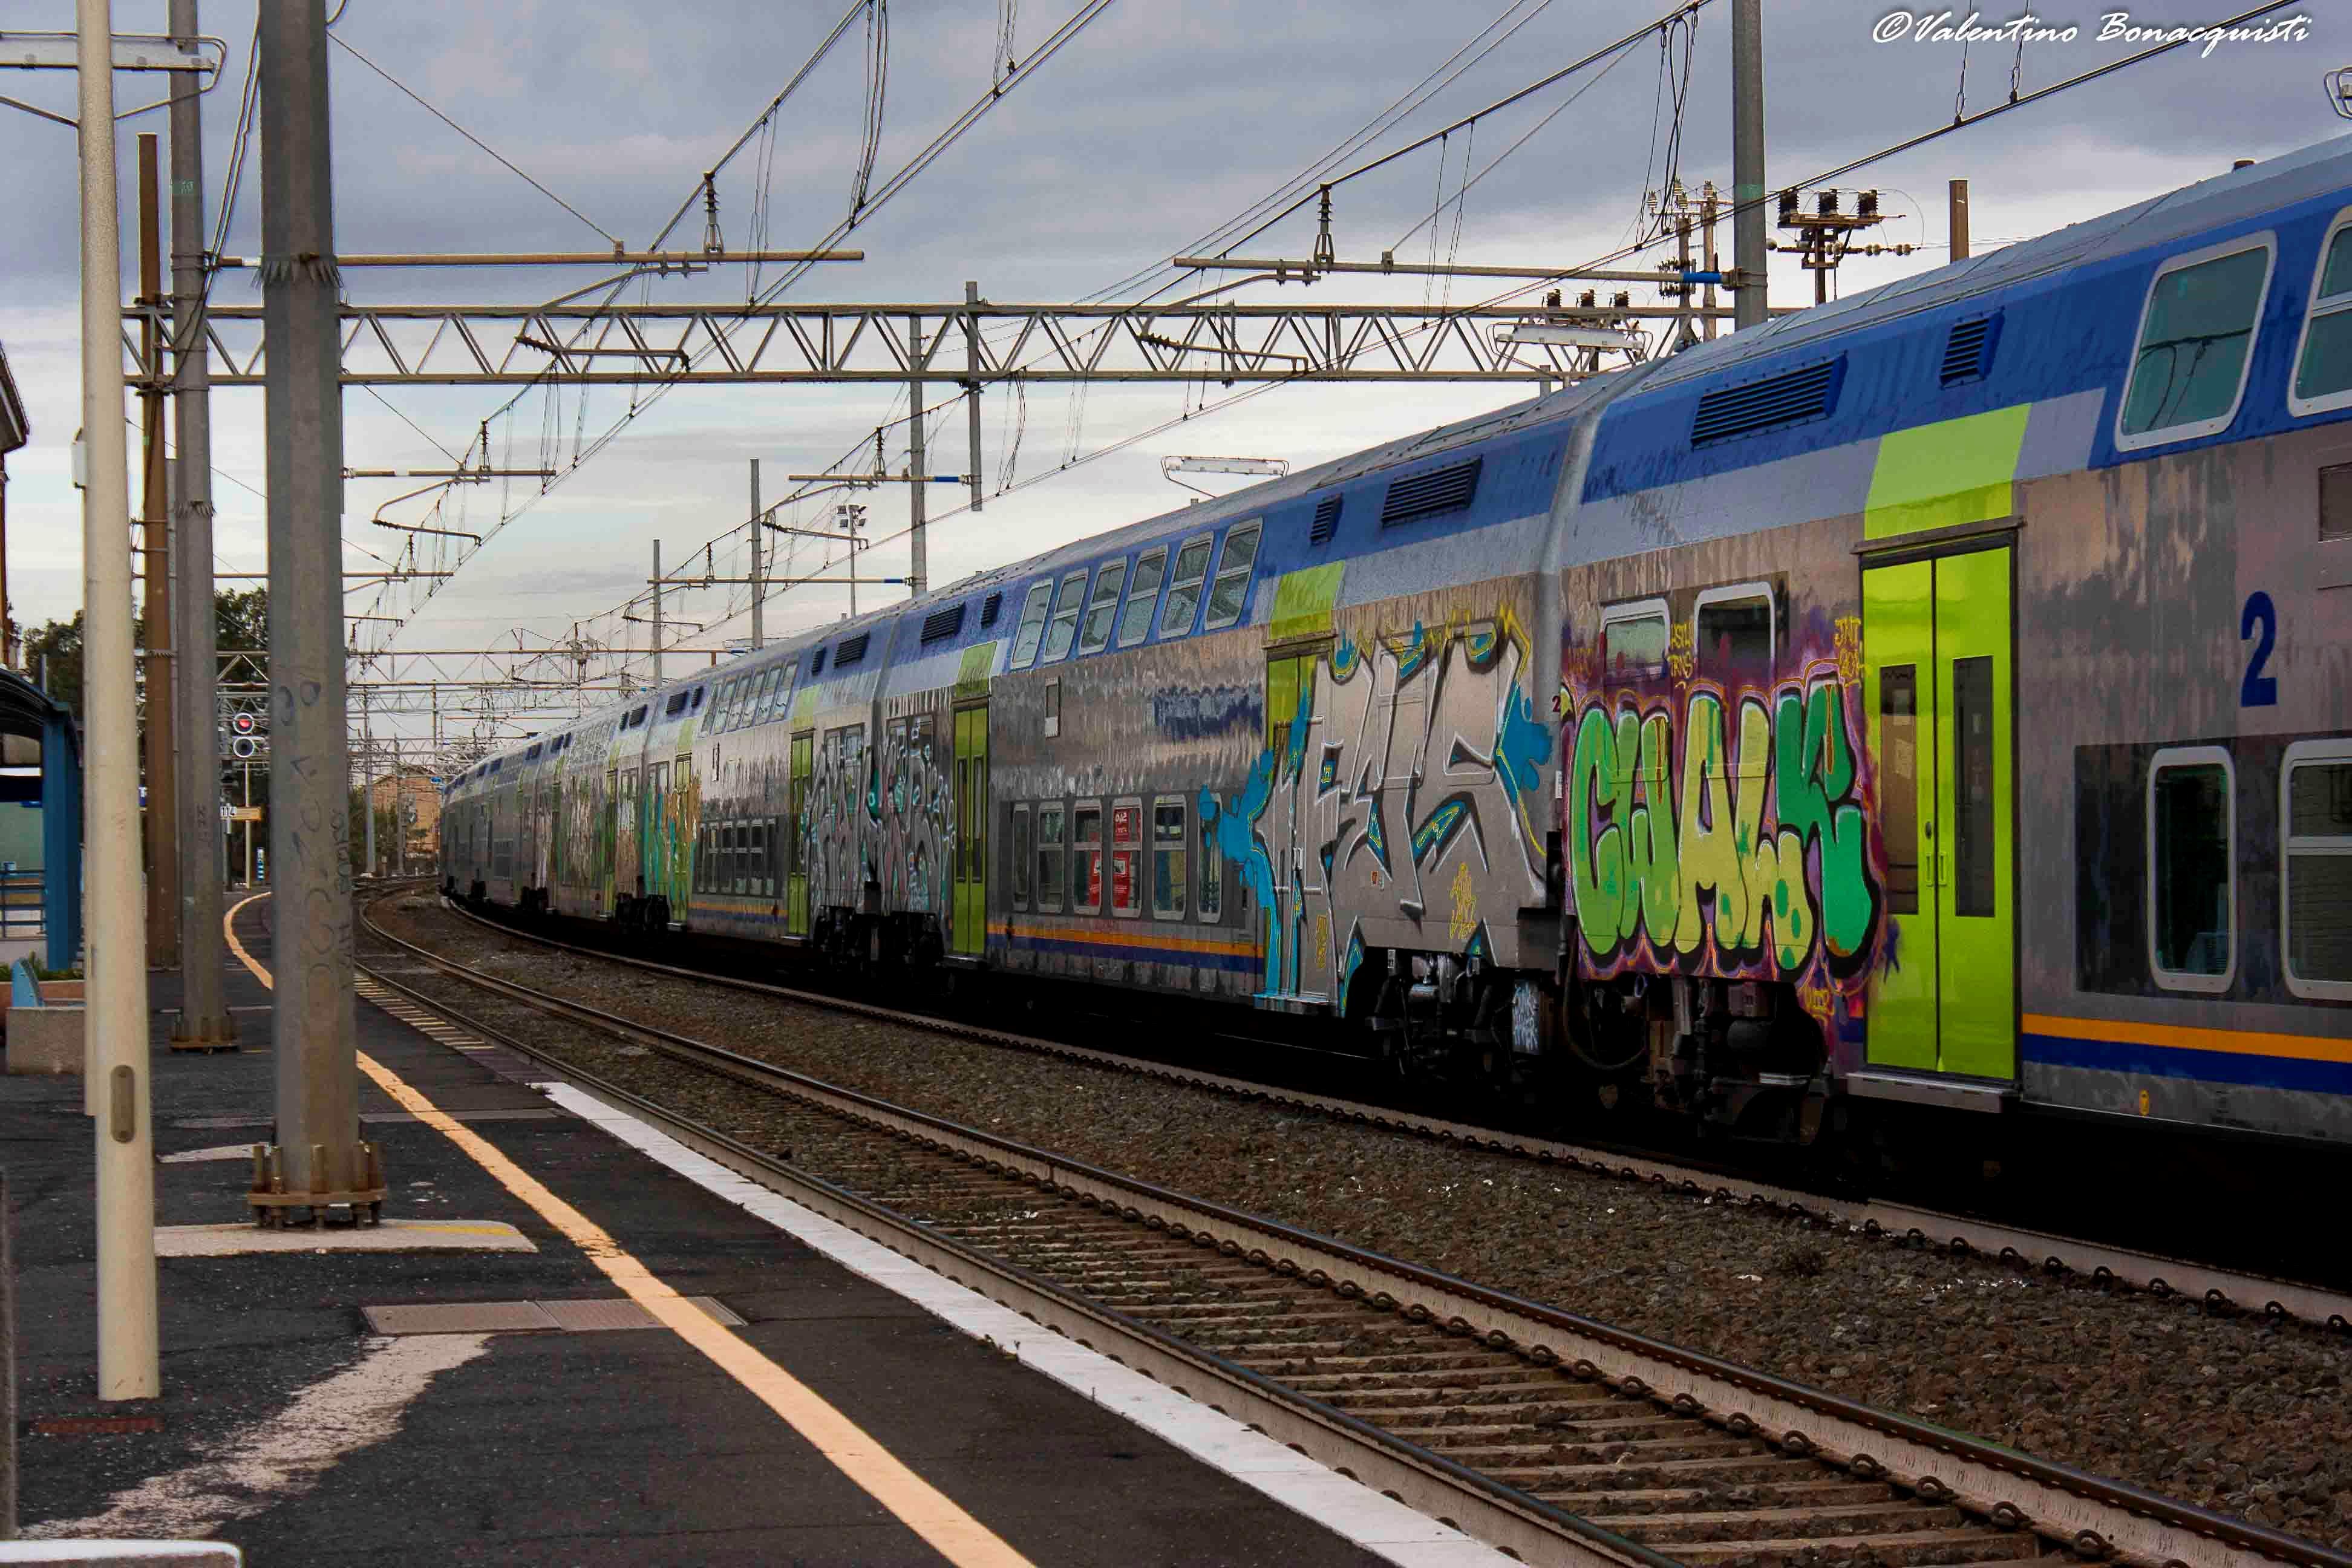 La foto di un treno nella stazione.